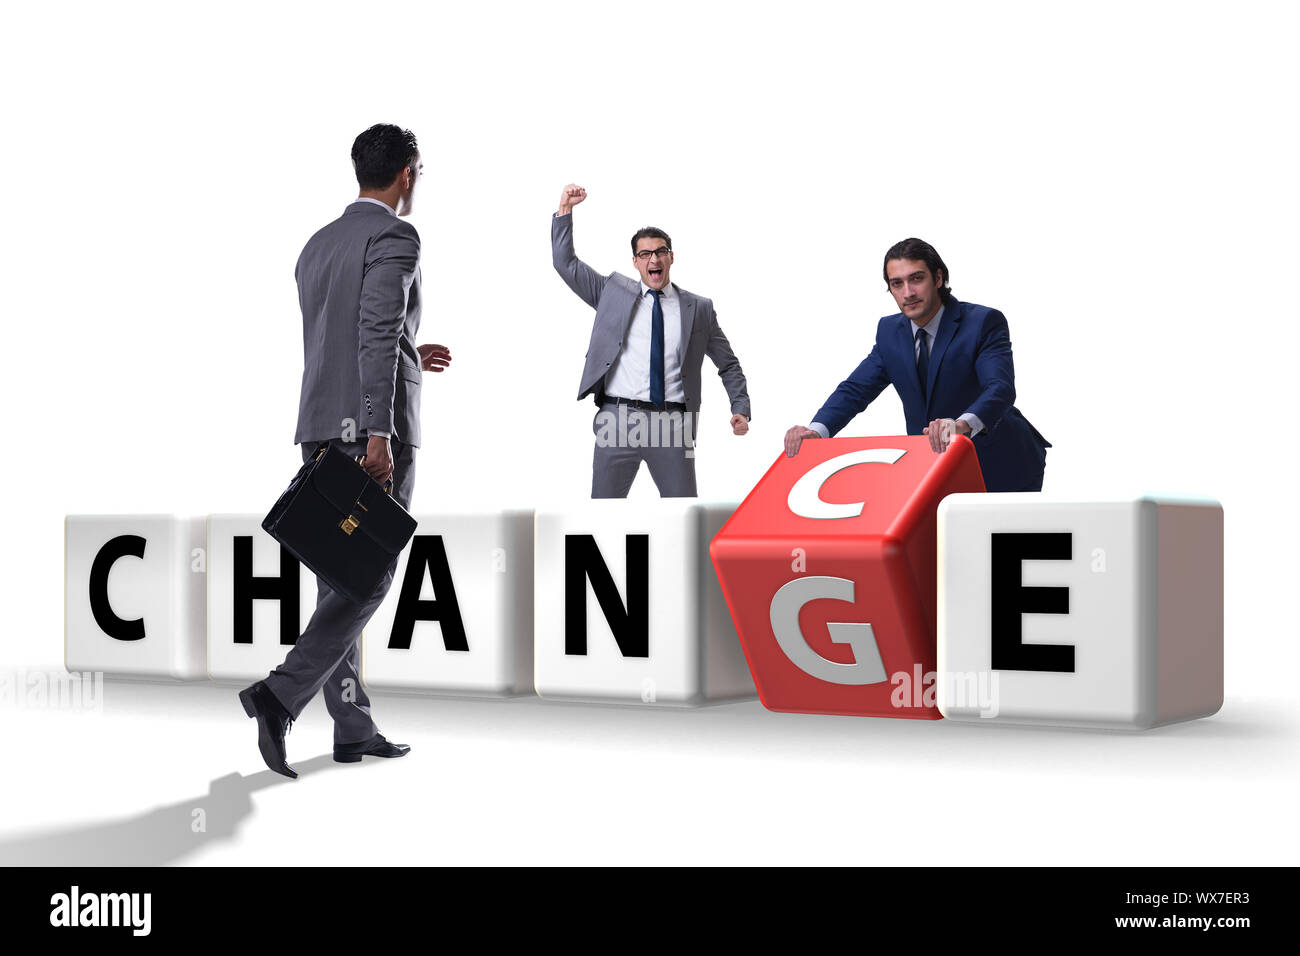 Unternehmer im Wandel und chance Konzept Stockfoto